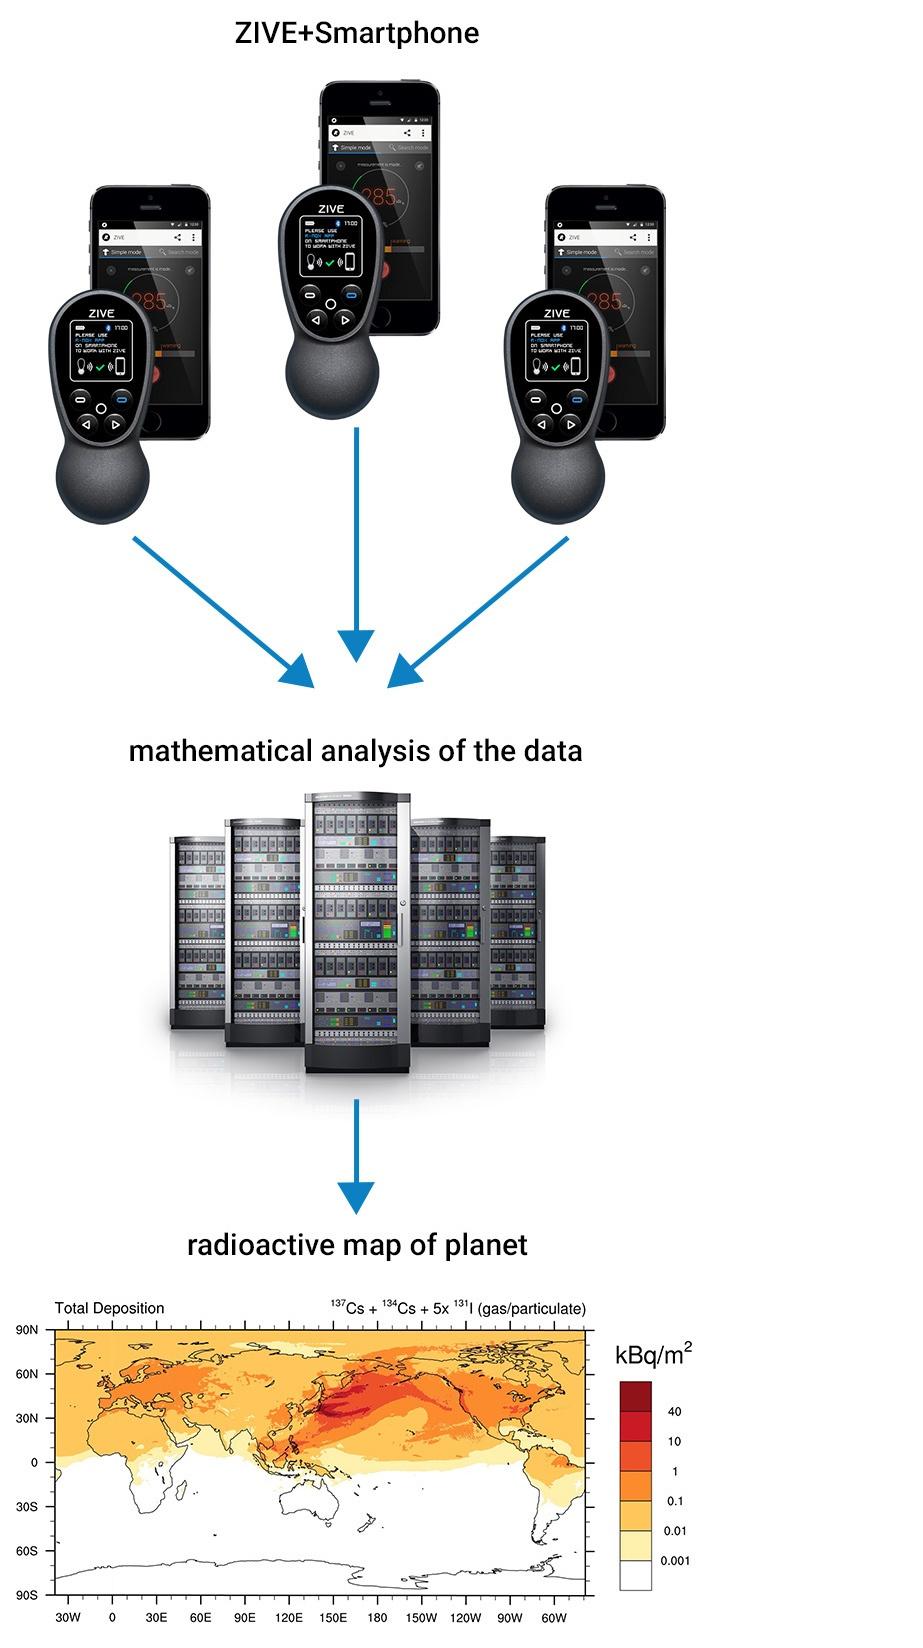 Дозиметр в интернете вещей: составляем карту радиоактивных зон для себя и всего мира - 3